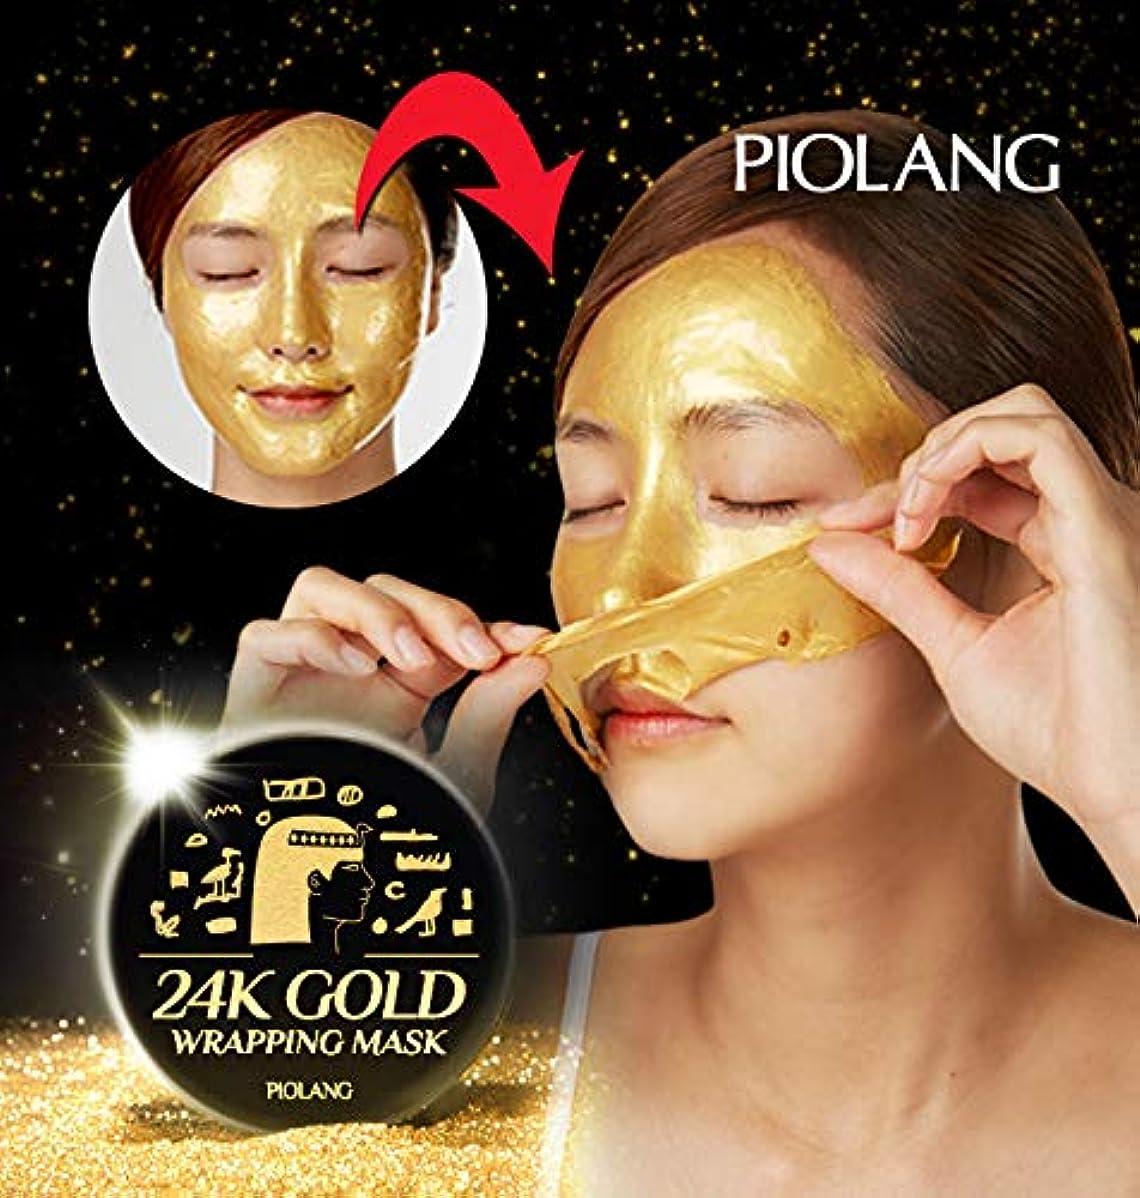 賛辞革命的偽物Esthetic House[エステティックハウス] ピオラン(Piolang) 24Kゴールドラッピングマスク80ml (しわケアパックをはがす) / 24K Gold Wrapping Mask